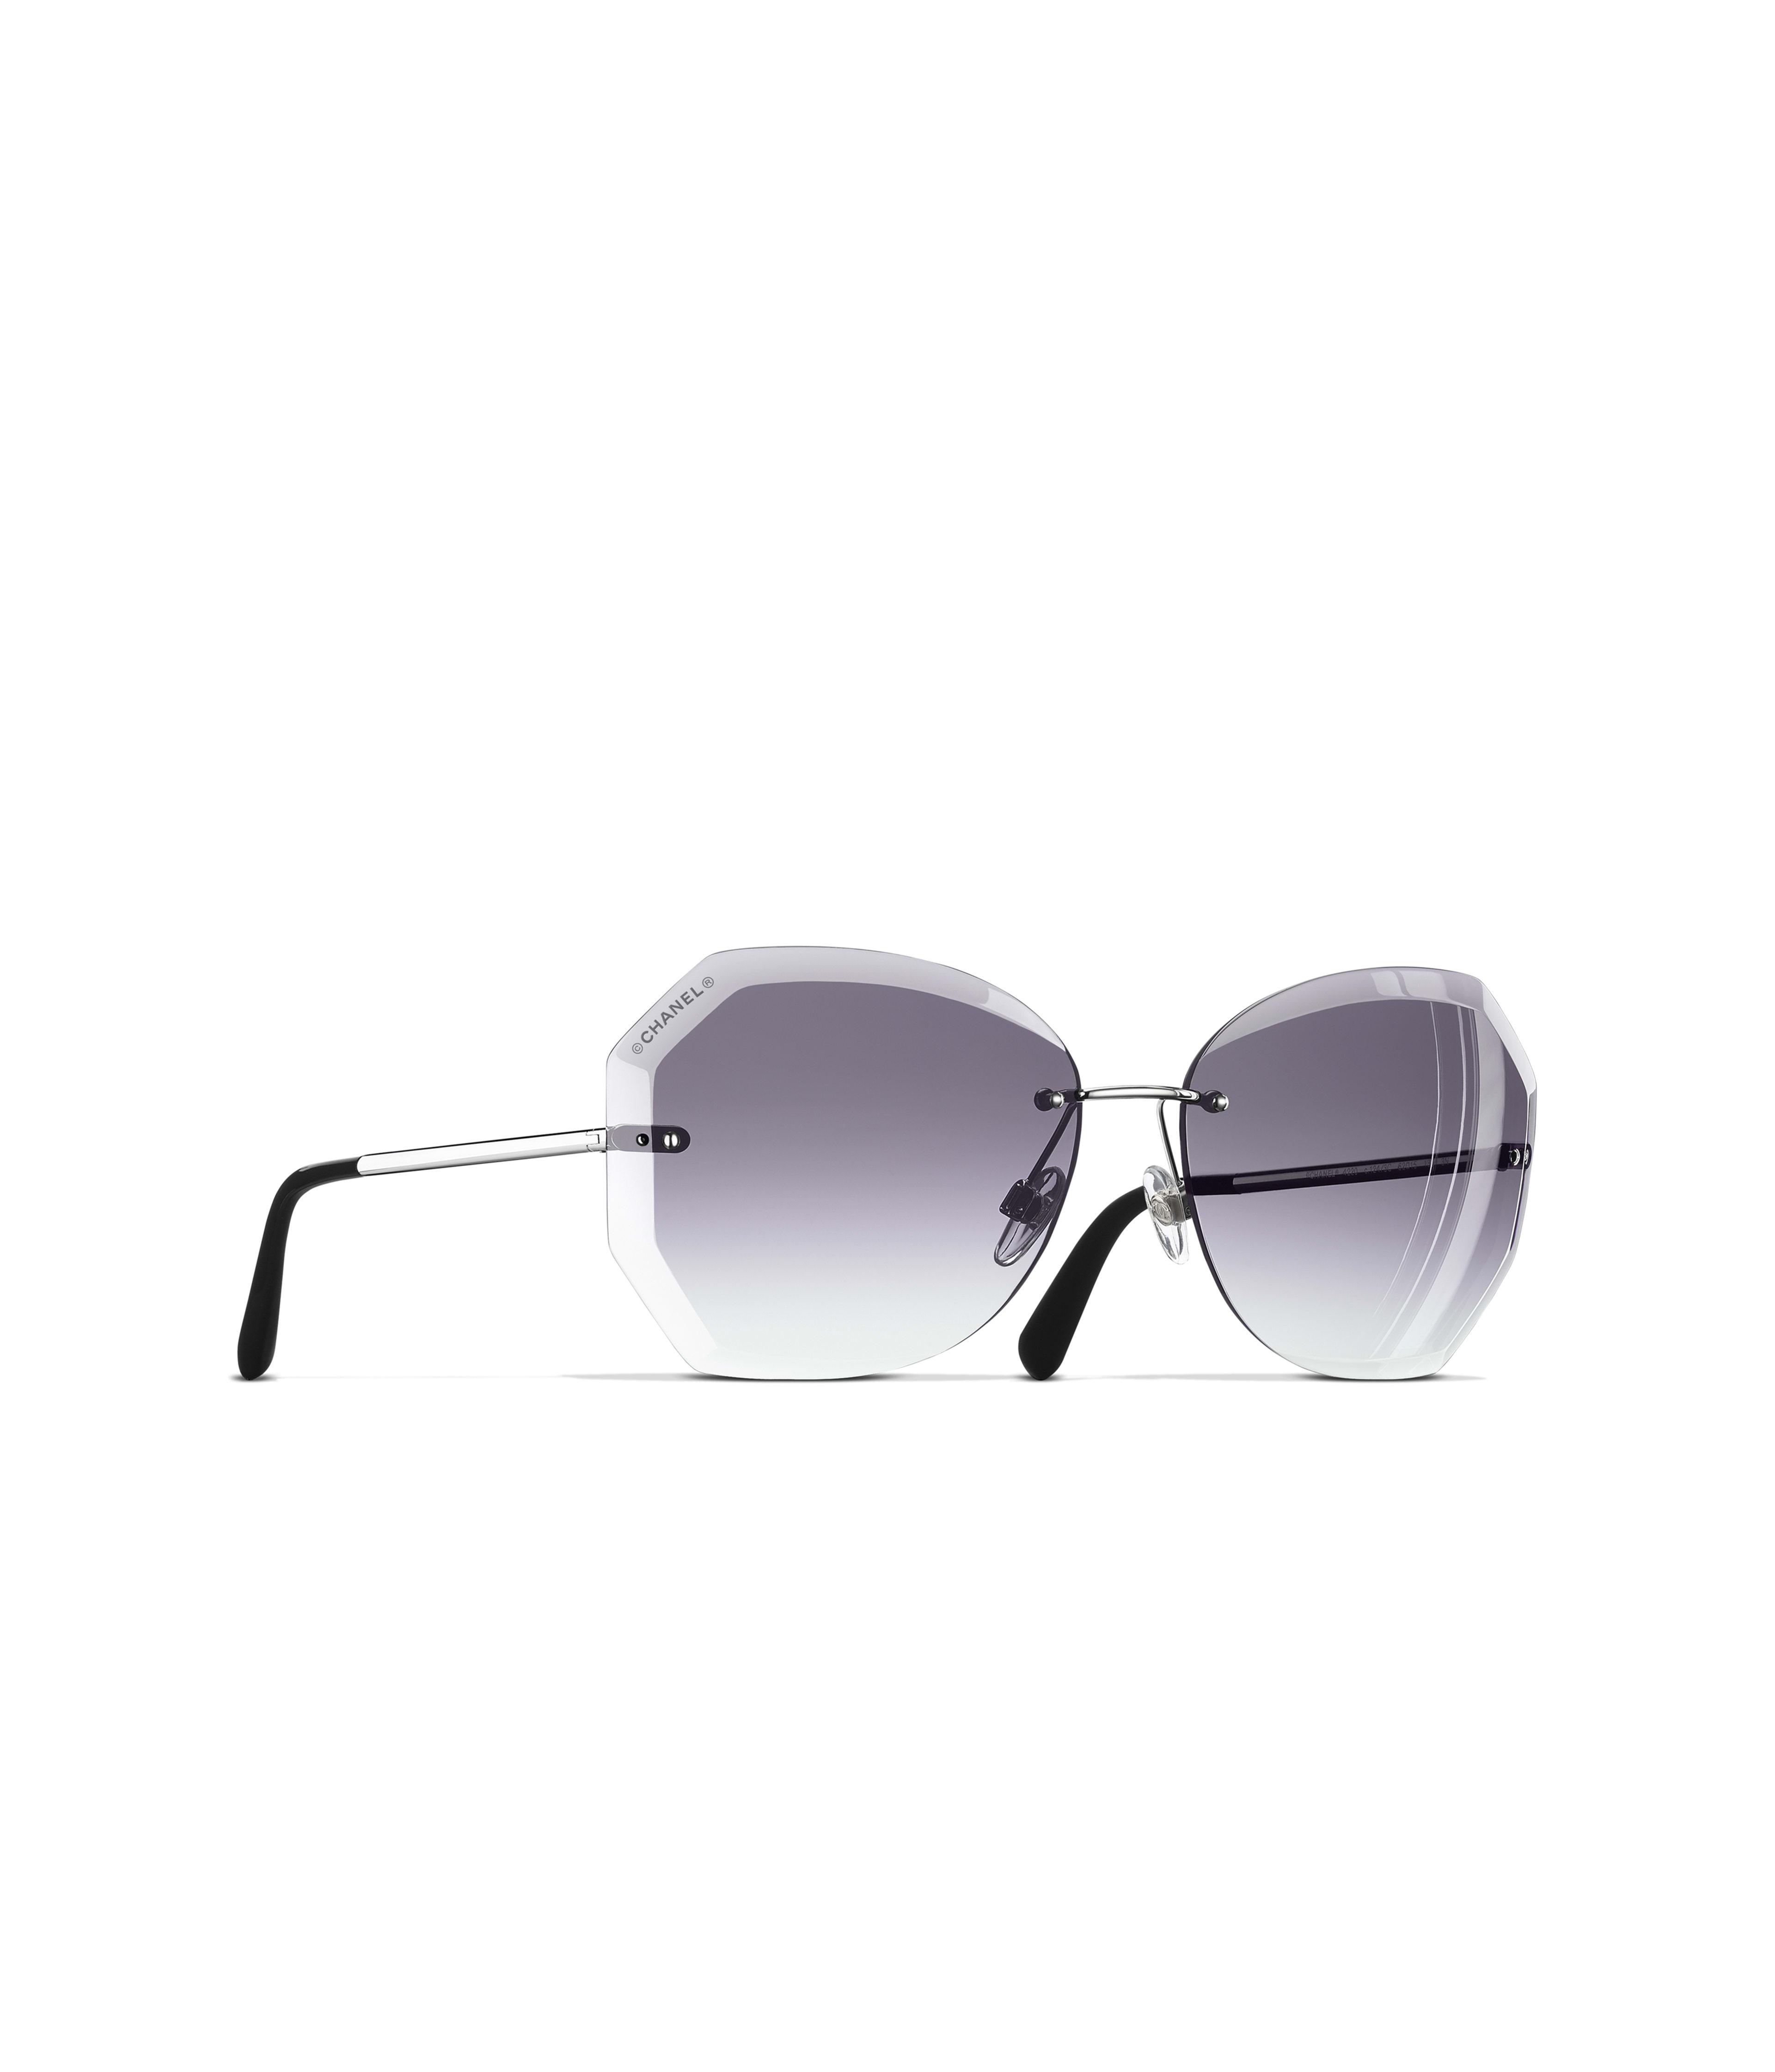 6543f267443 Round Sunglasses Ref. 4220 C124 3C